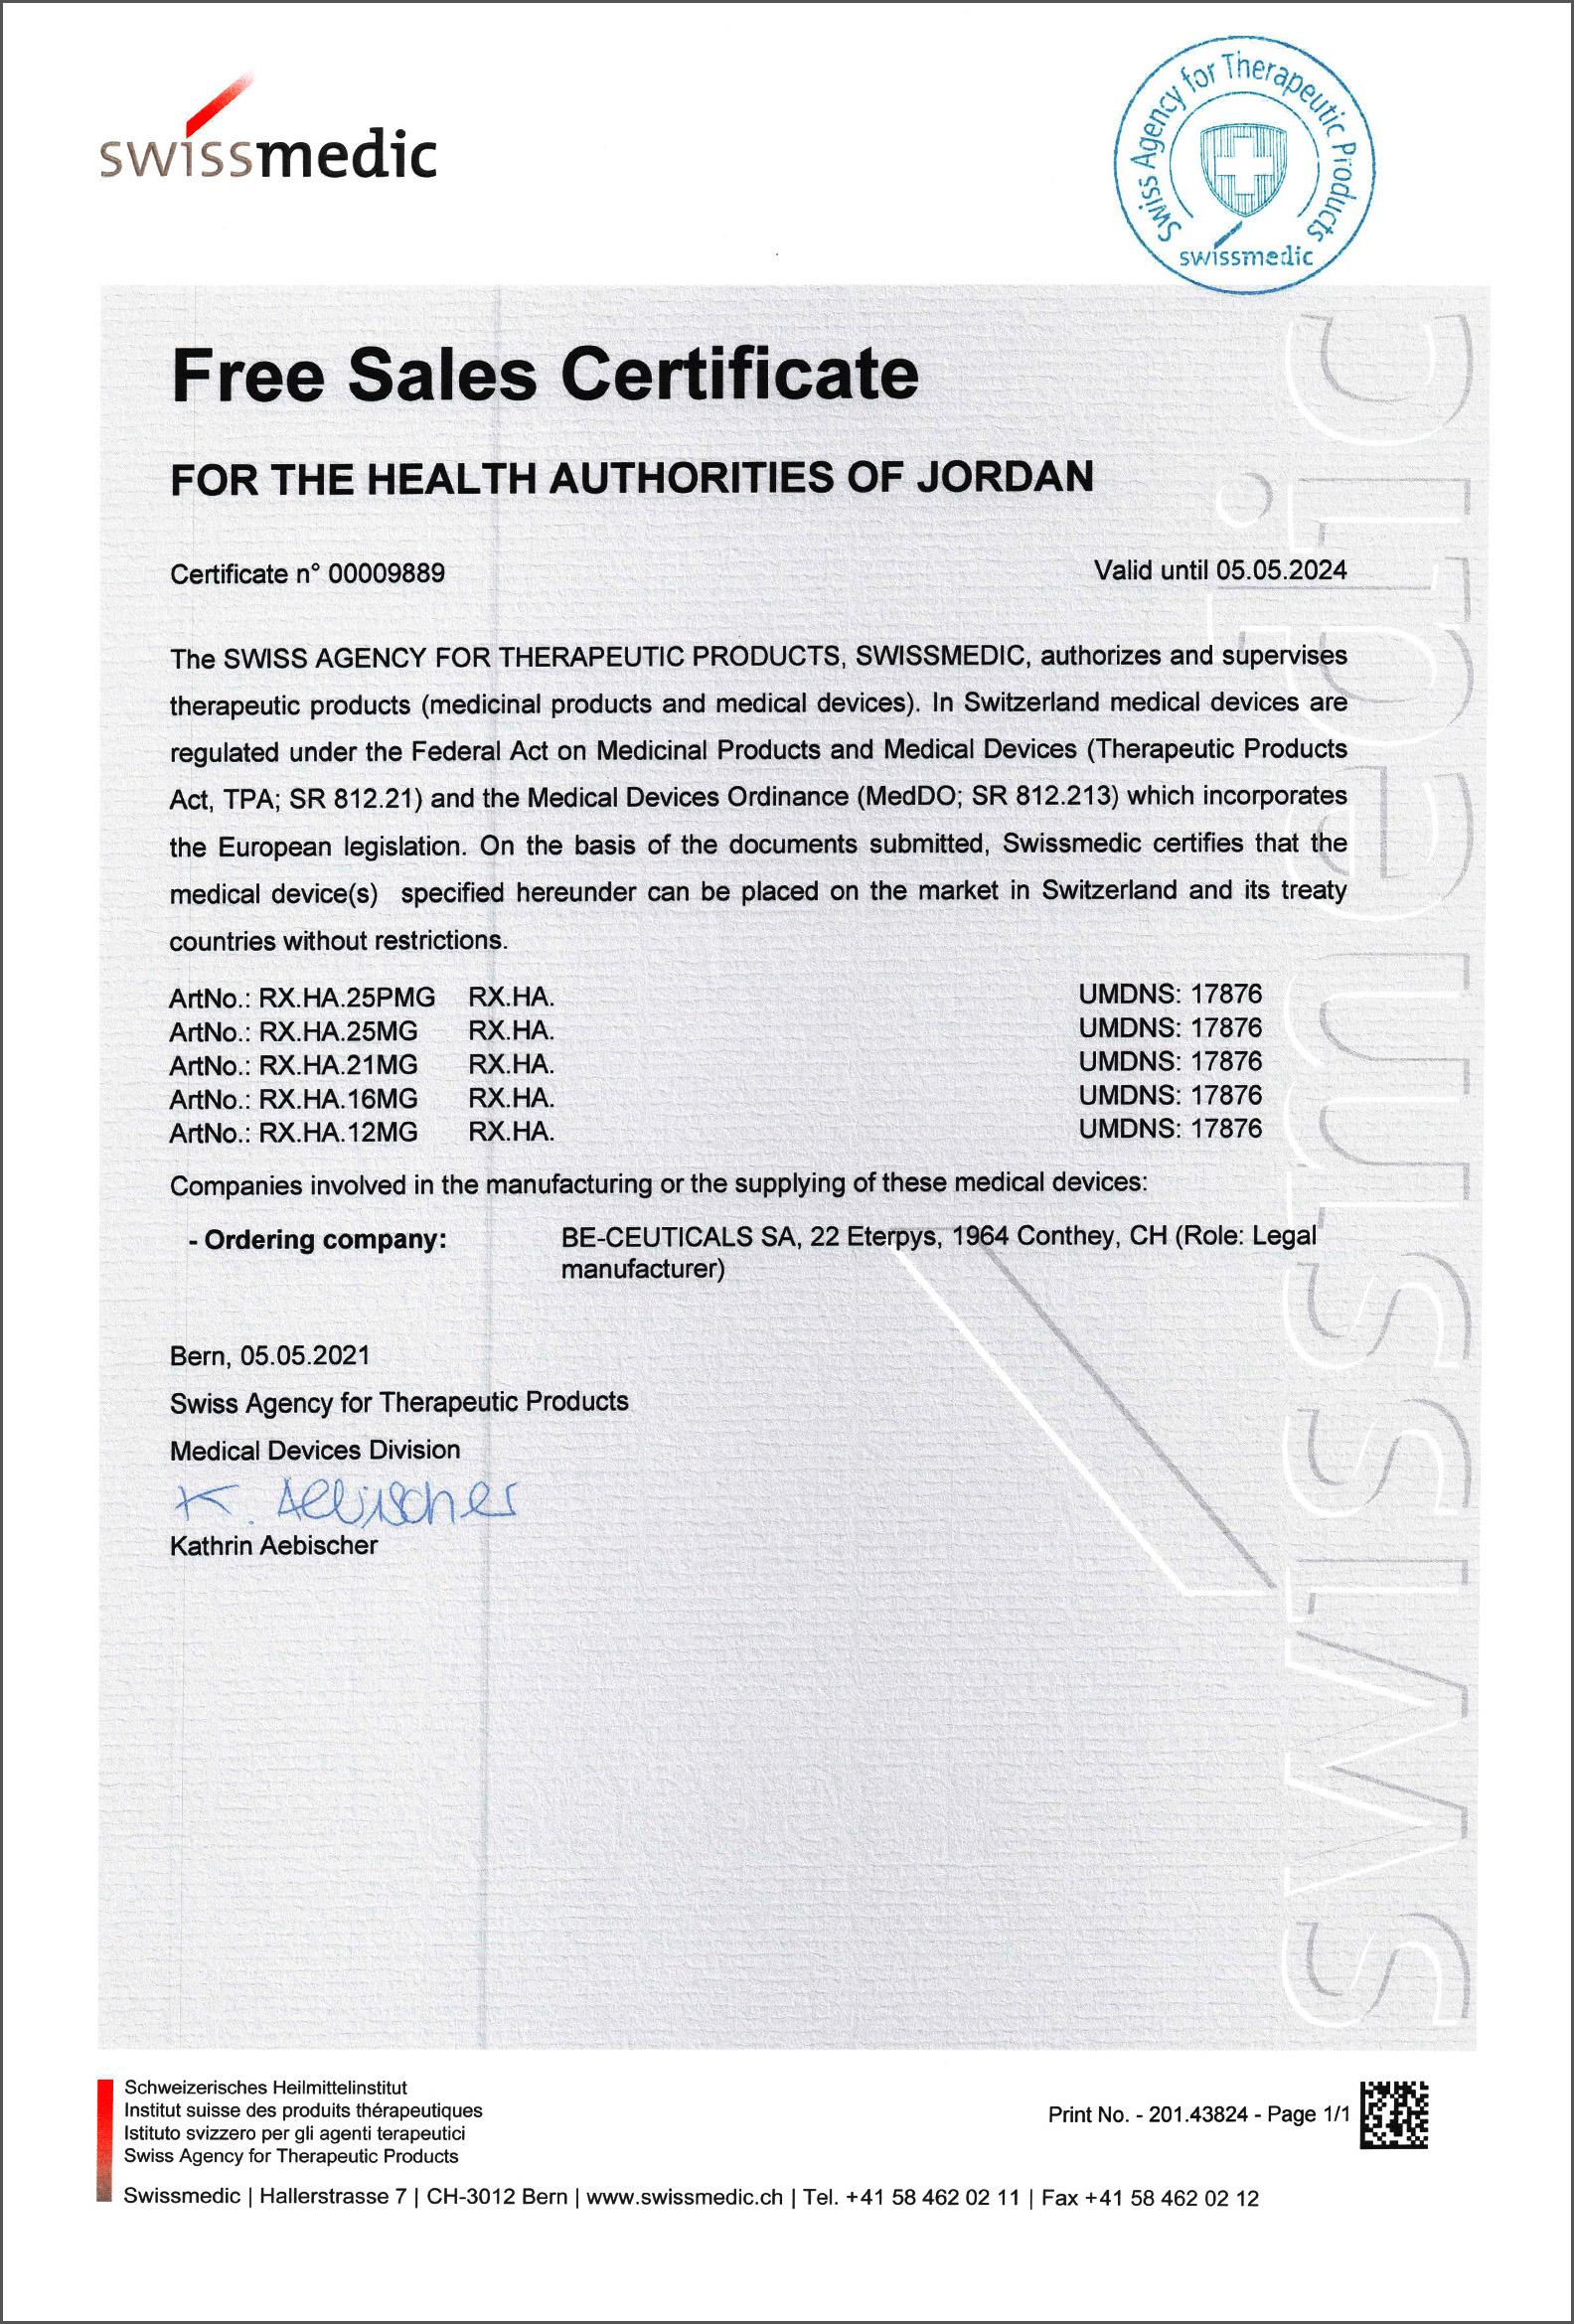 Swissmedic - Free Sales Certificate - Jordan